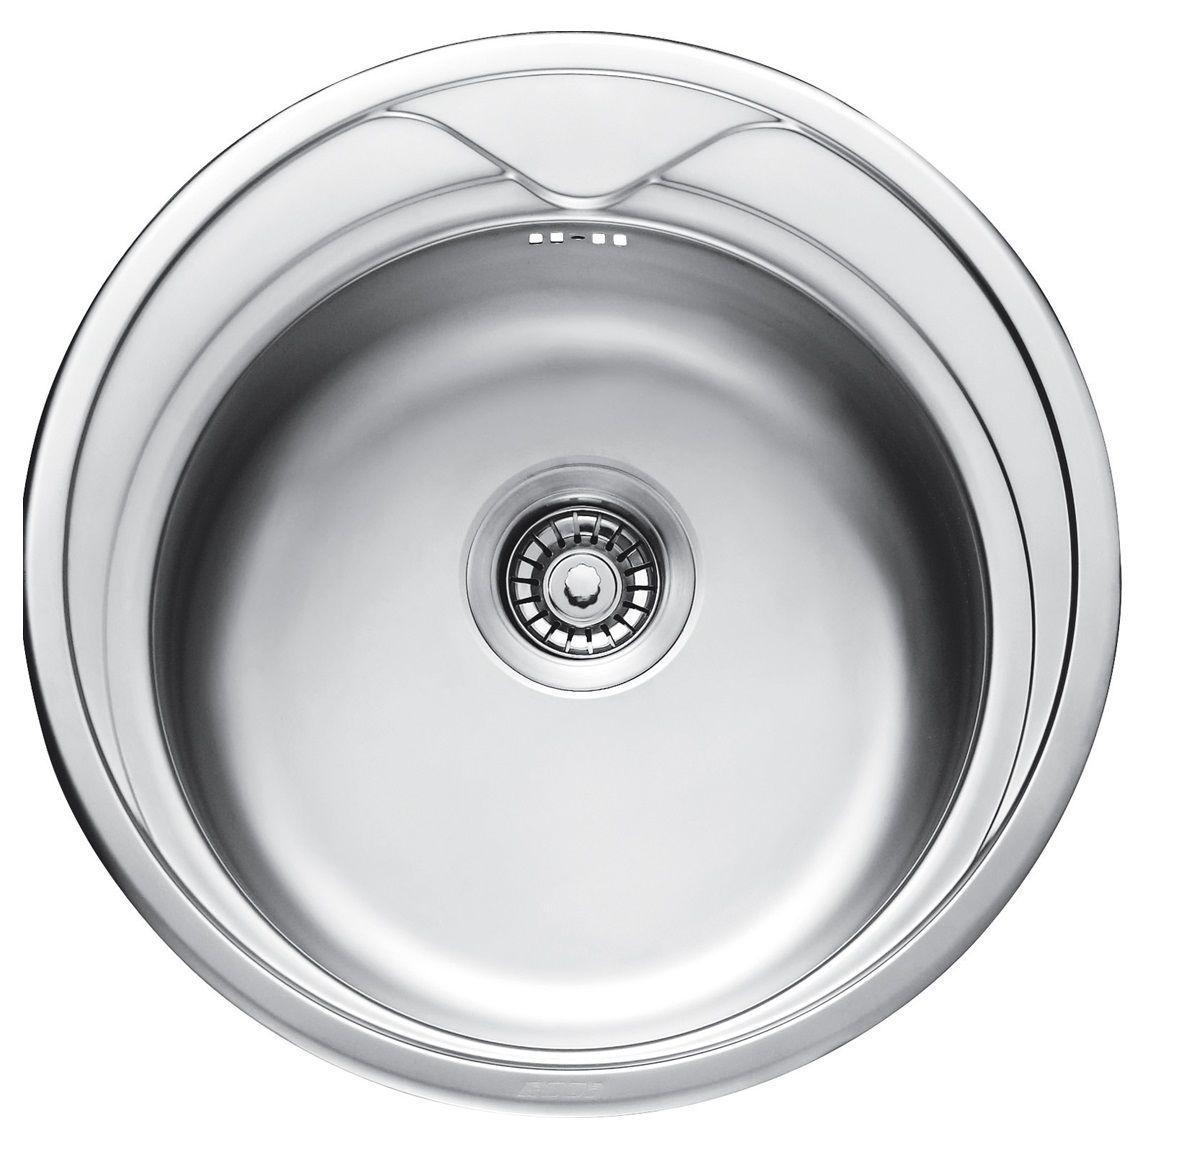 7109 Мойка CRISTAL круглая врезная 510x180 Decor